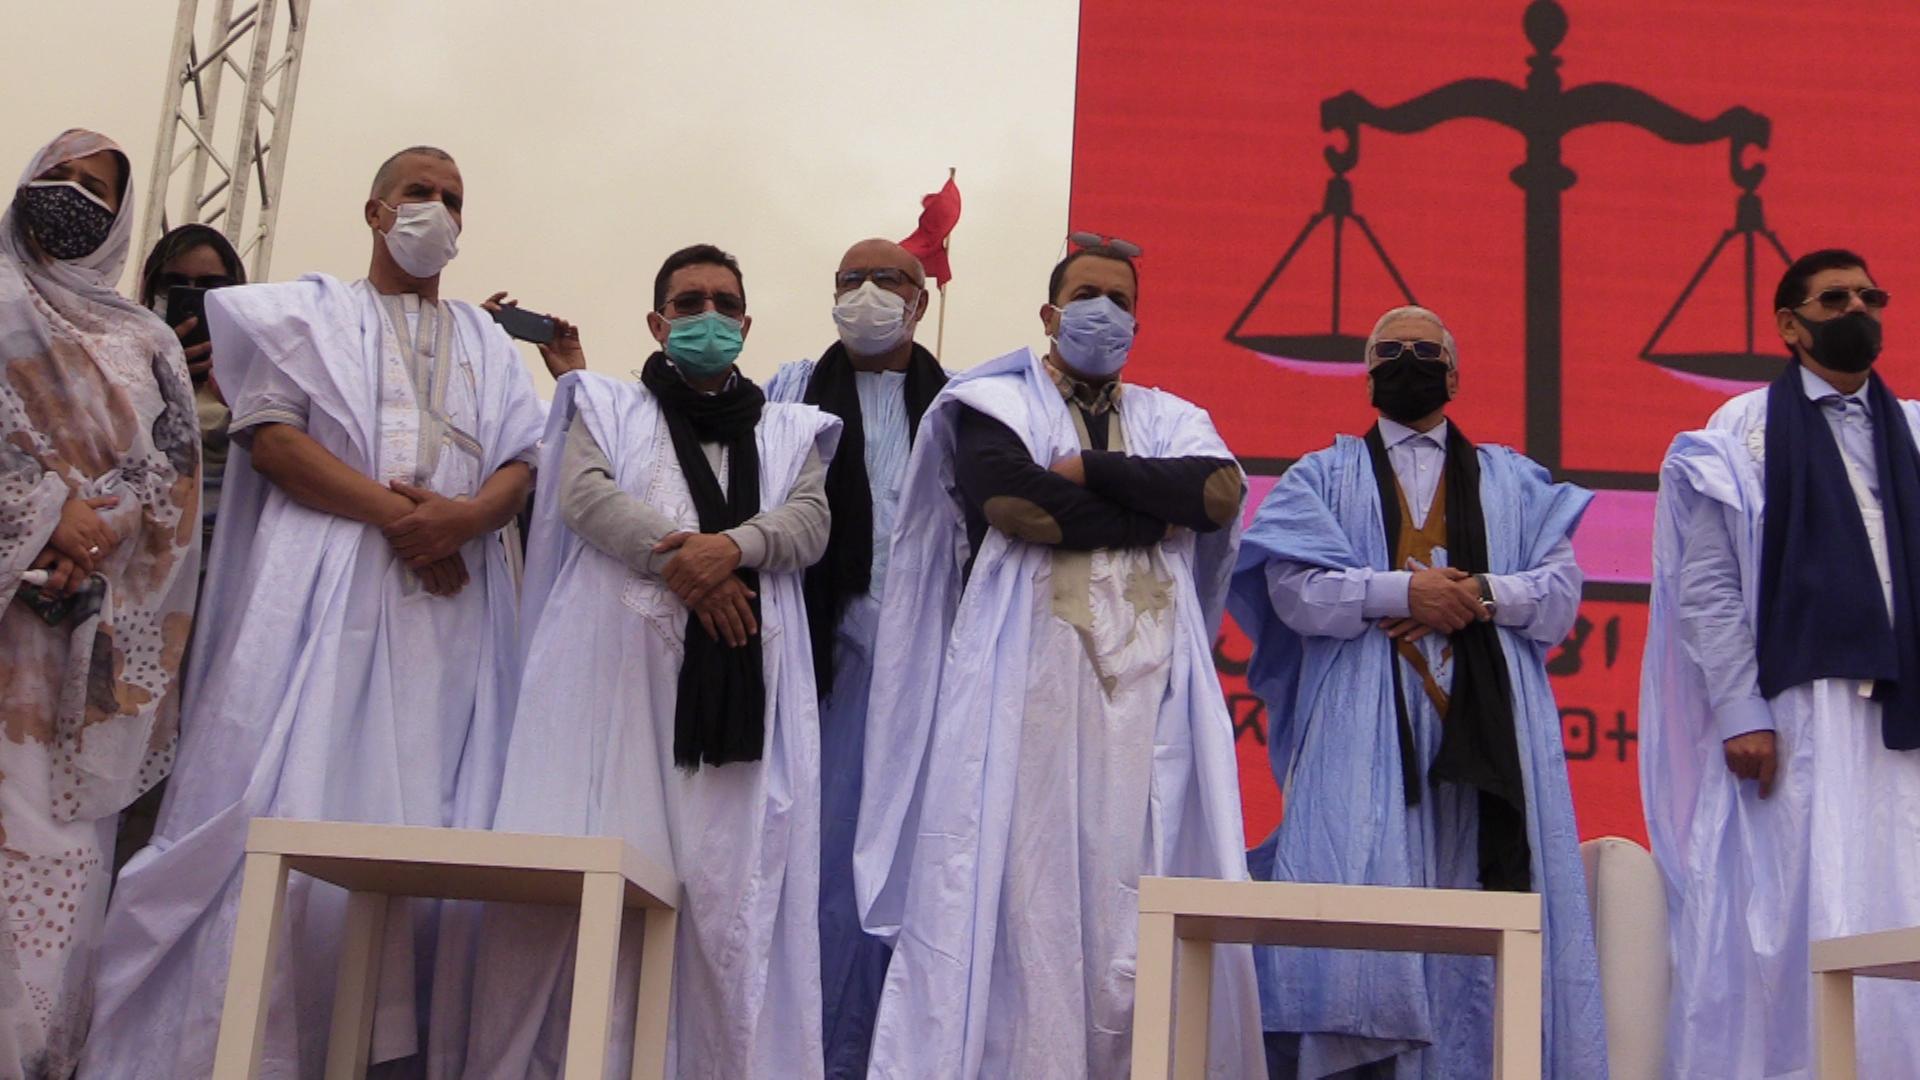 الاعتراف الامريكي بمغربية الصحراء حزب الاستقلال ينظم مهرجان خطابي بالعيون